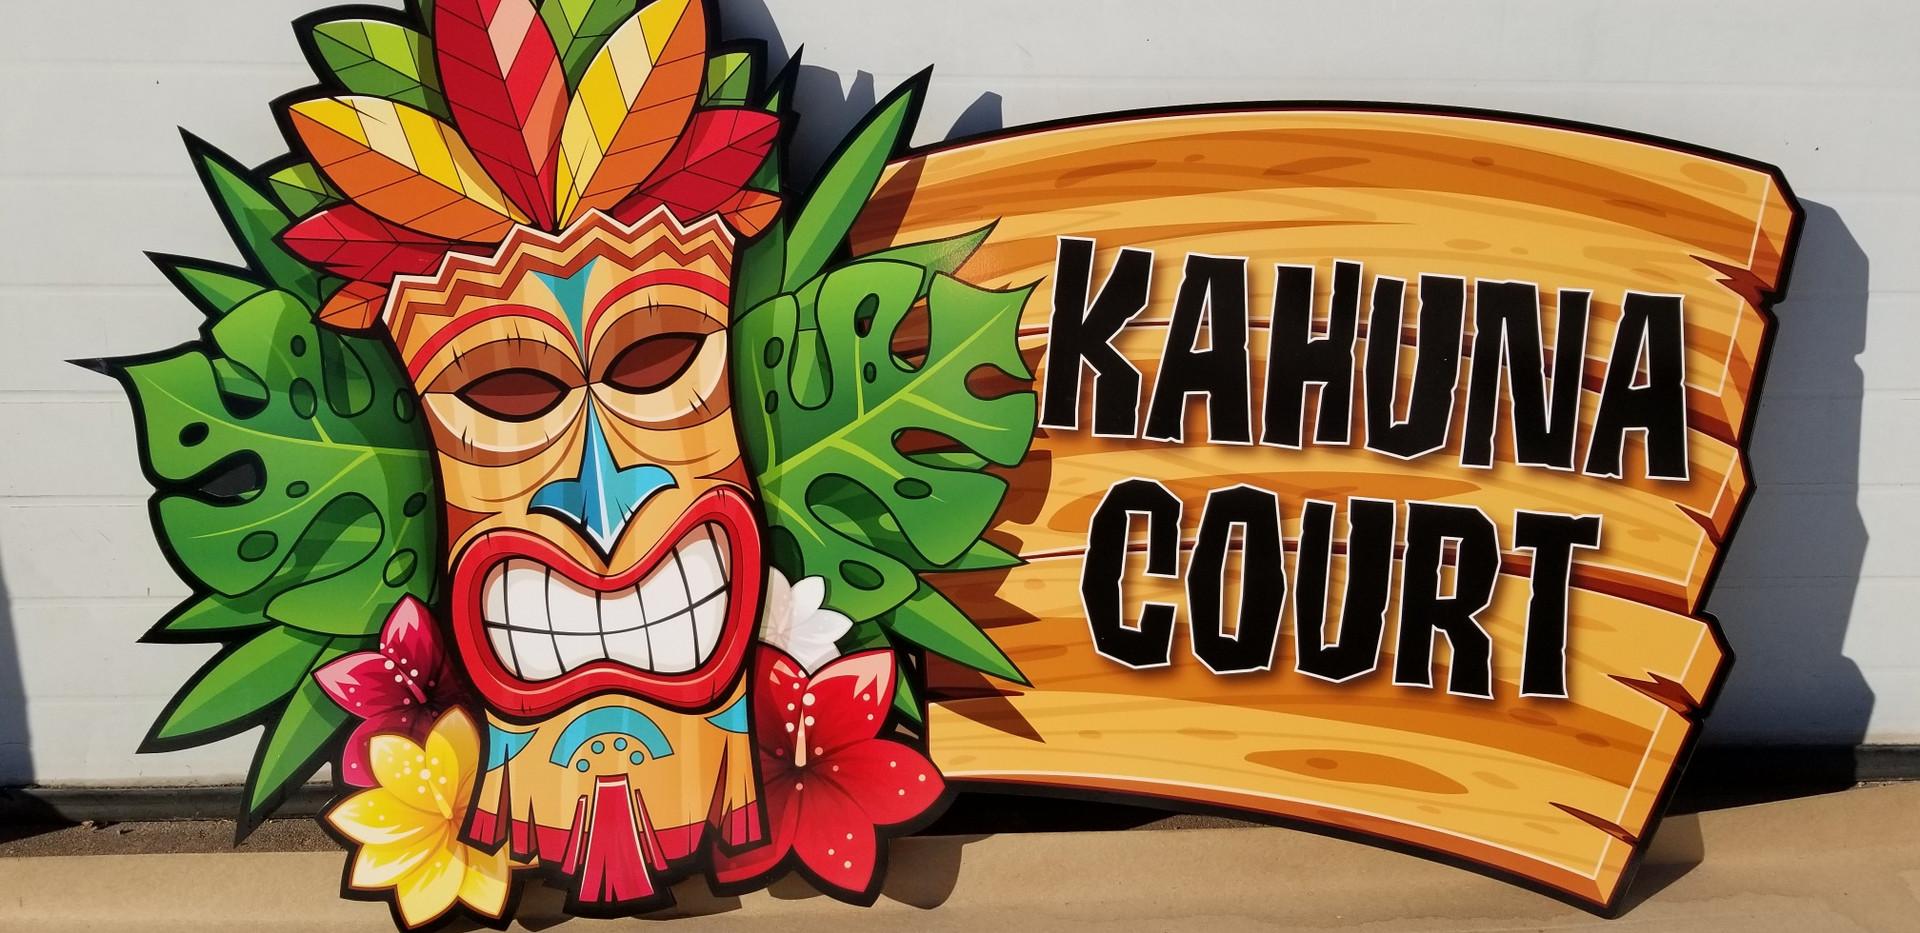 Kahuna court photo.jpg